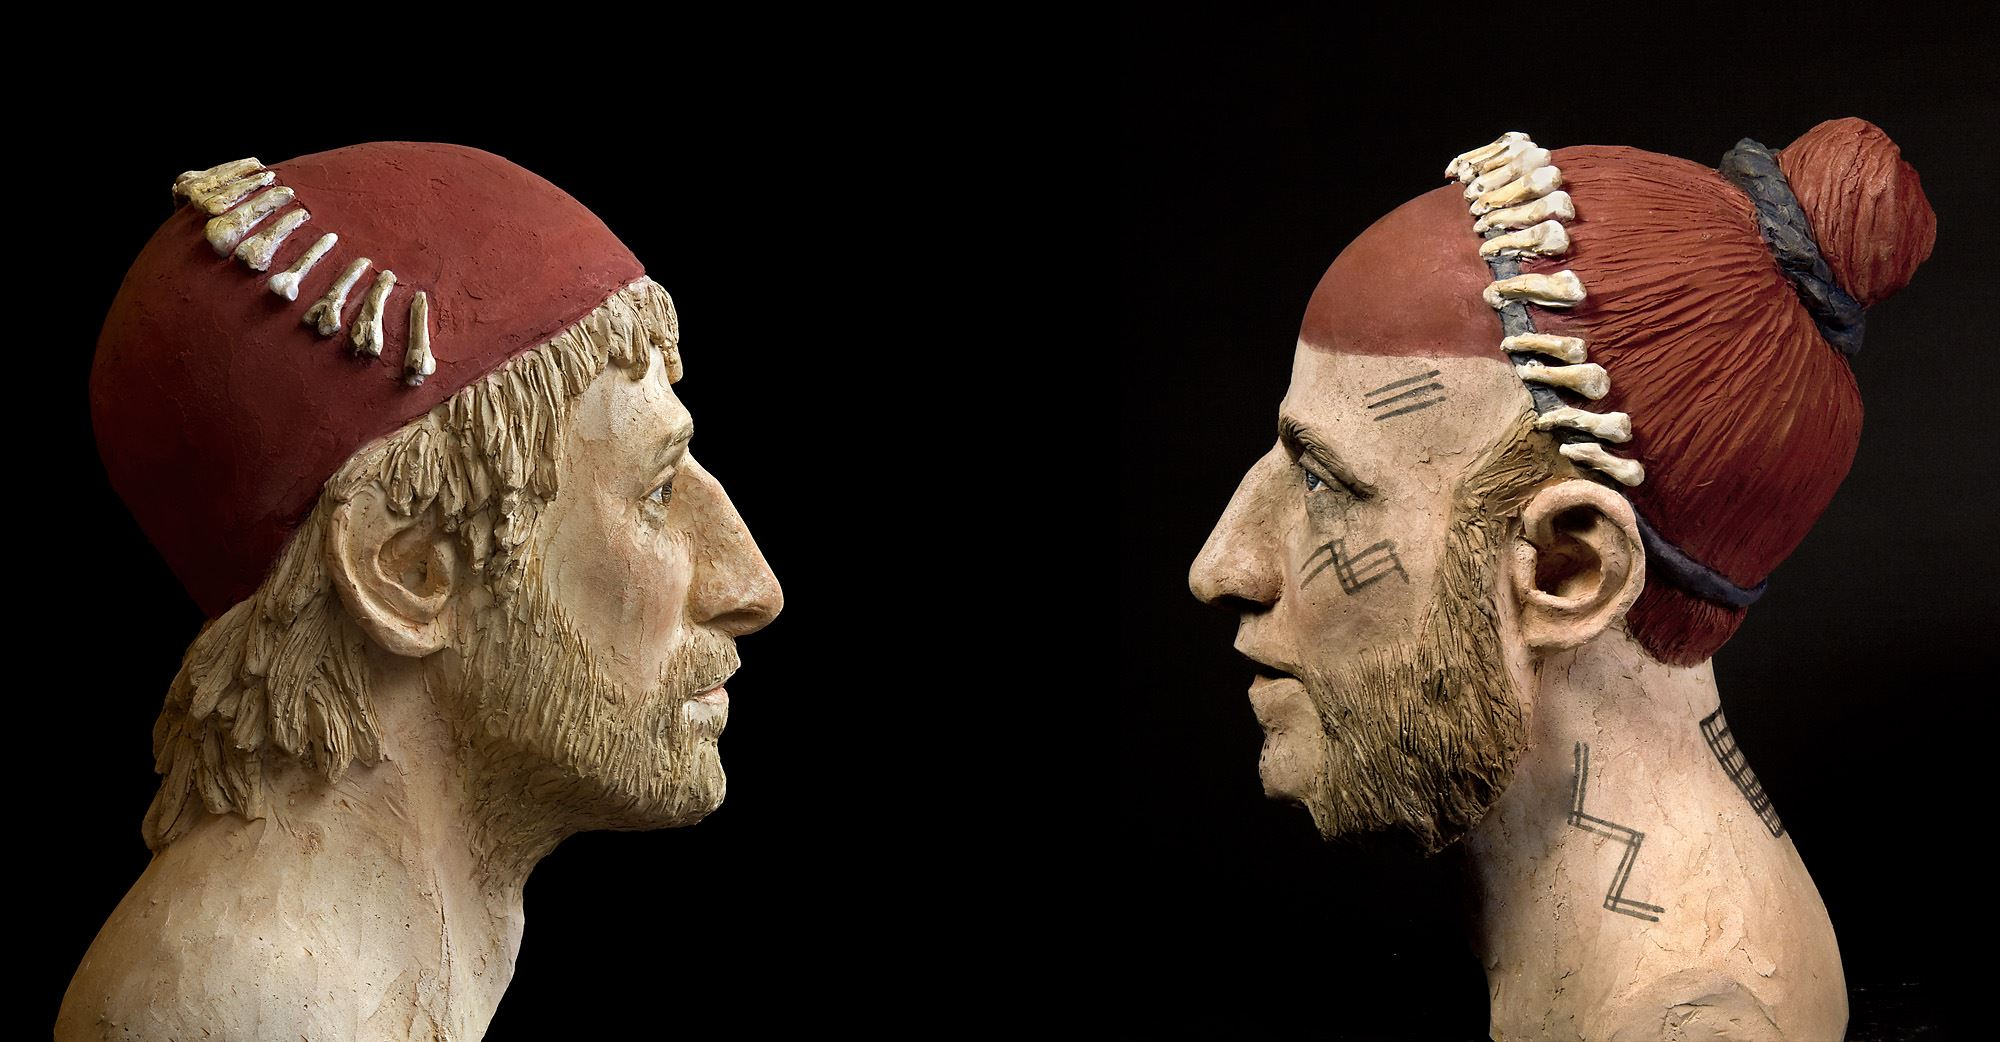 Öga mot öga - fornutställning med vikingar